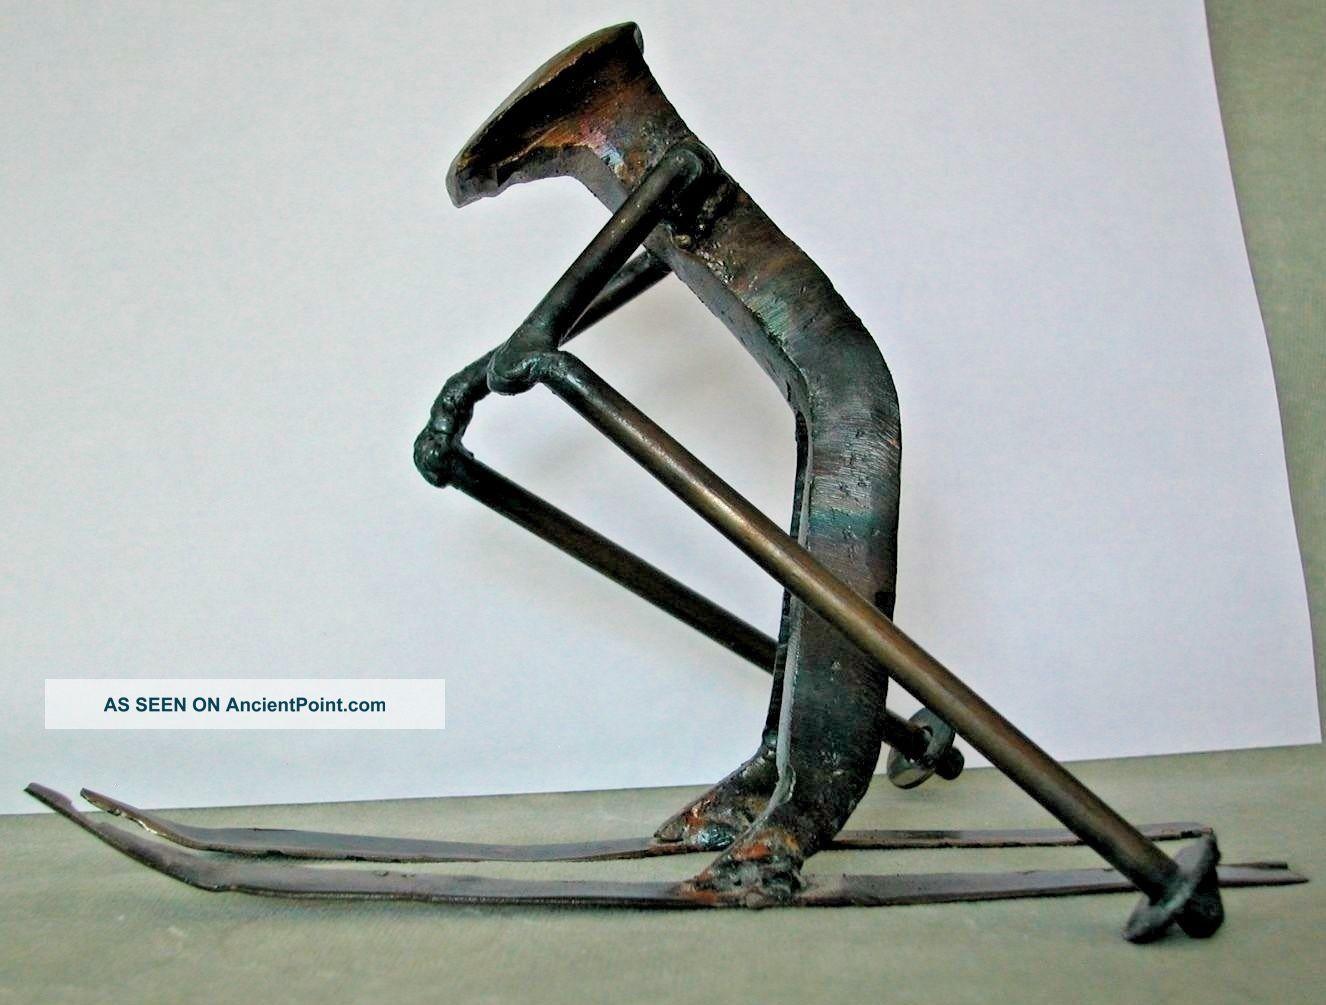 Brutalist Art - Large Railroad Spike Figurine